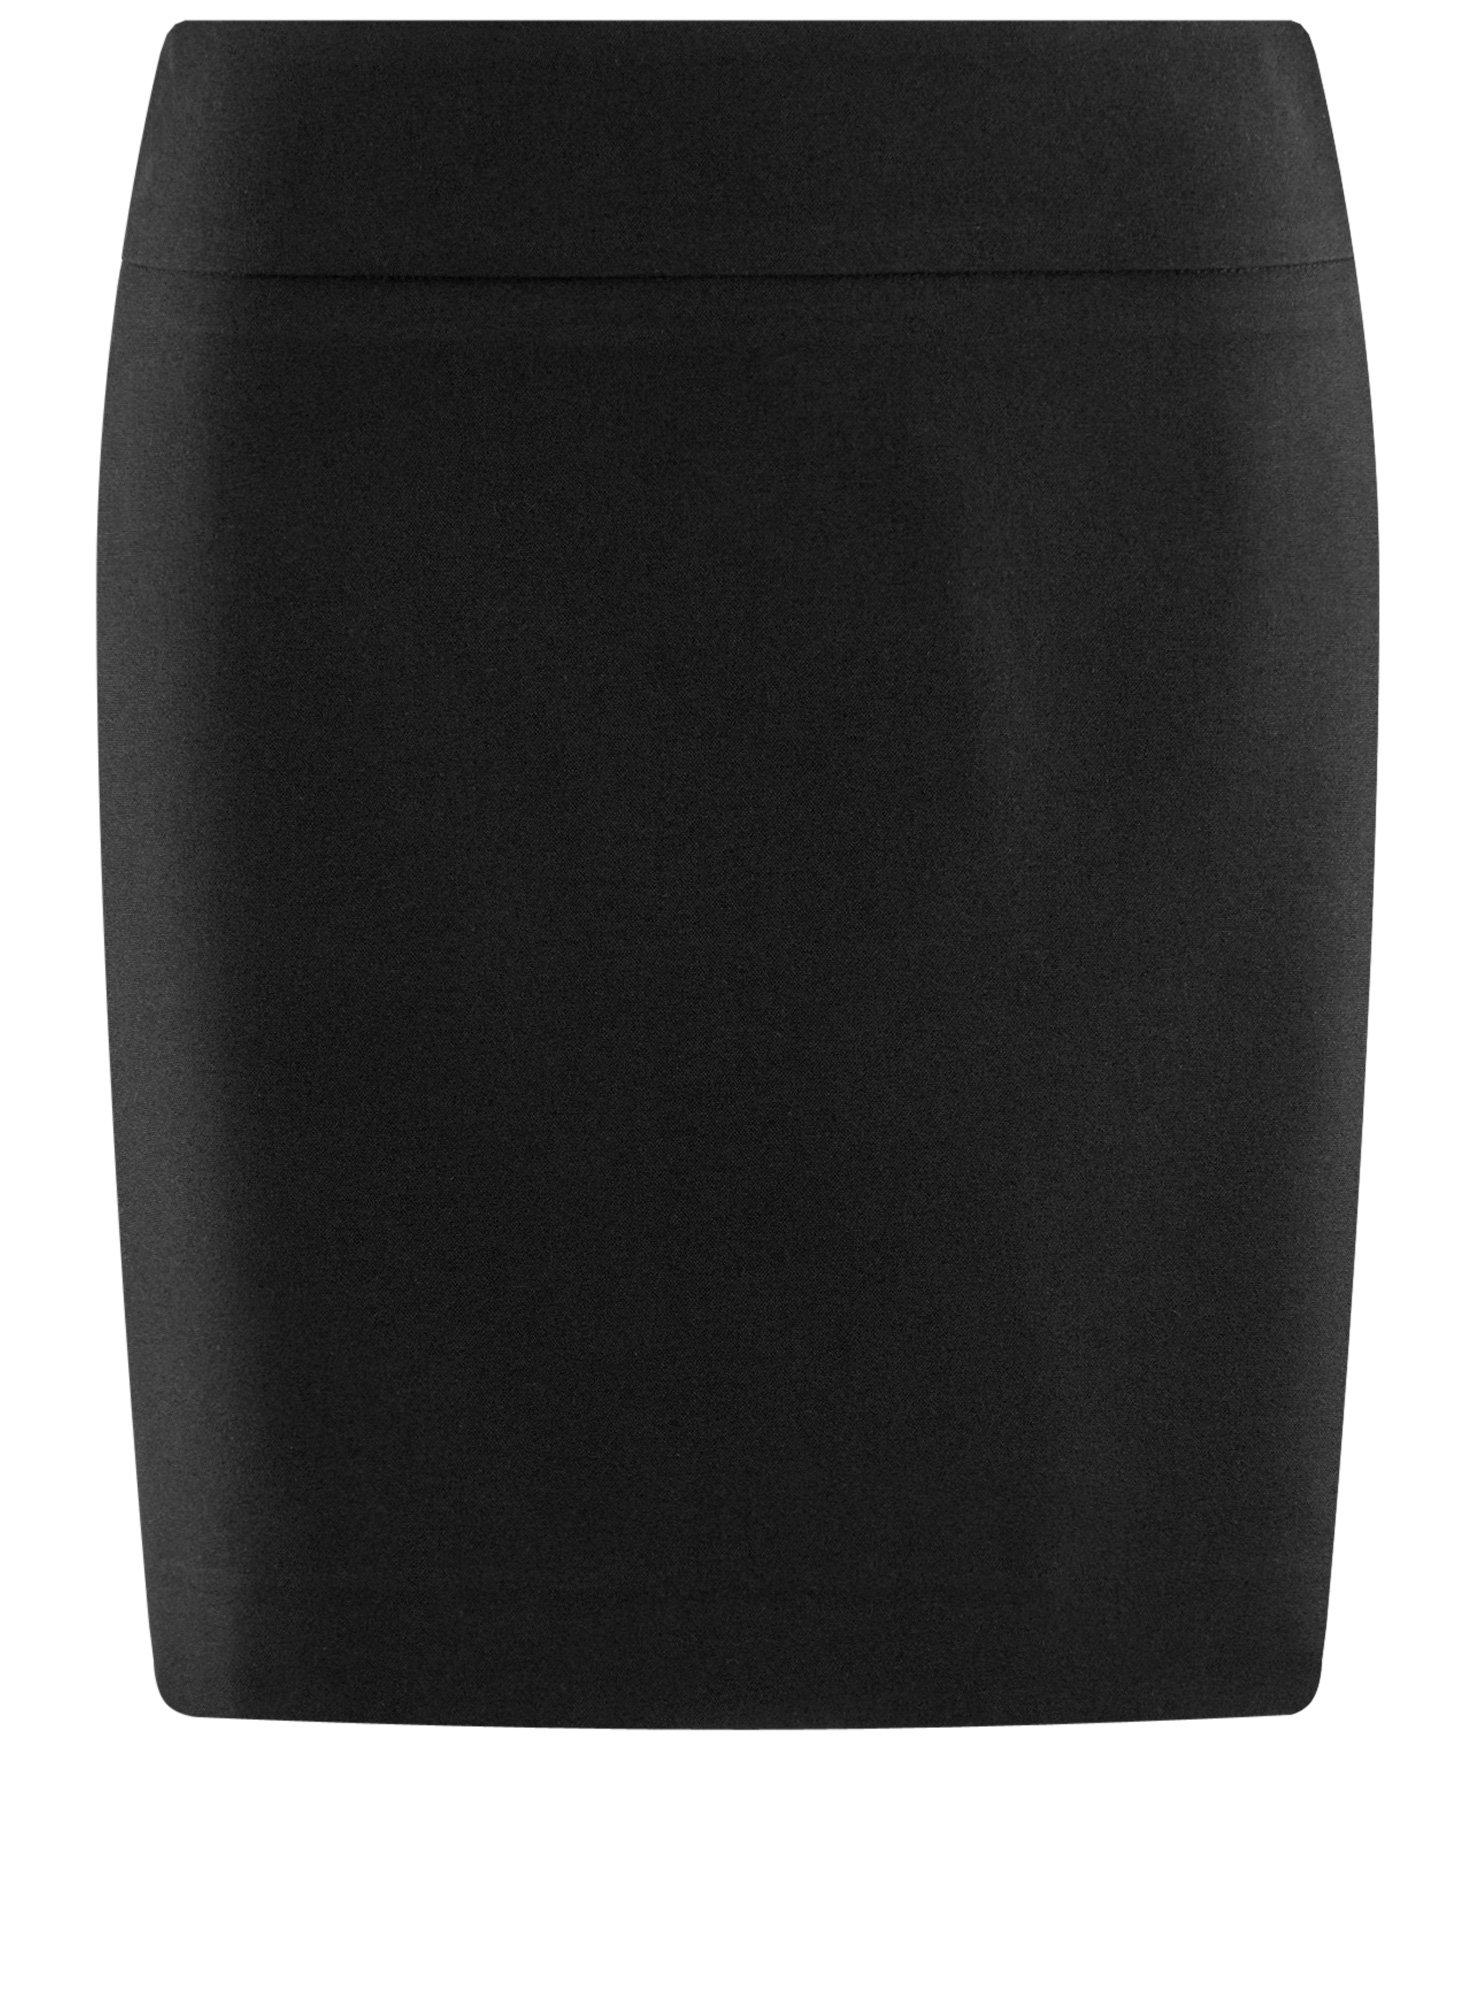 oodji Ultra Women's Basic Short Skirt, Black, 6 by oodji (Image #7)